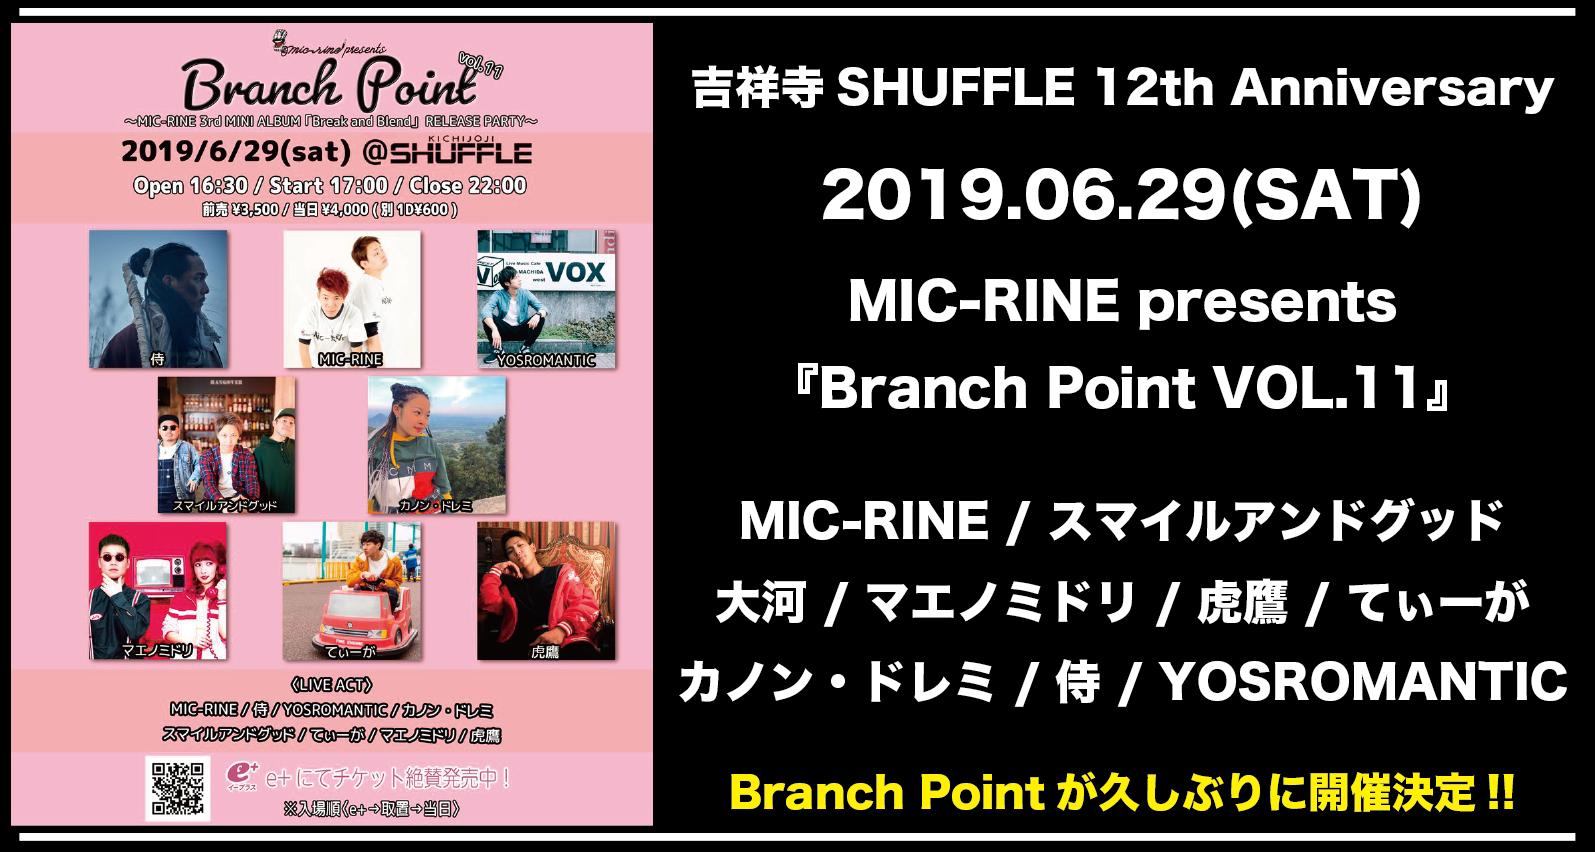 吉祥寺SHUFFLE 12th Anniversary MIC-RINE presents 『Branch Point VOL.11』